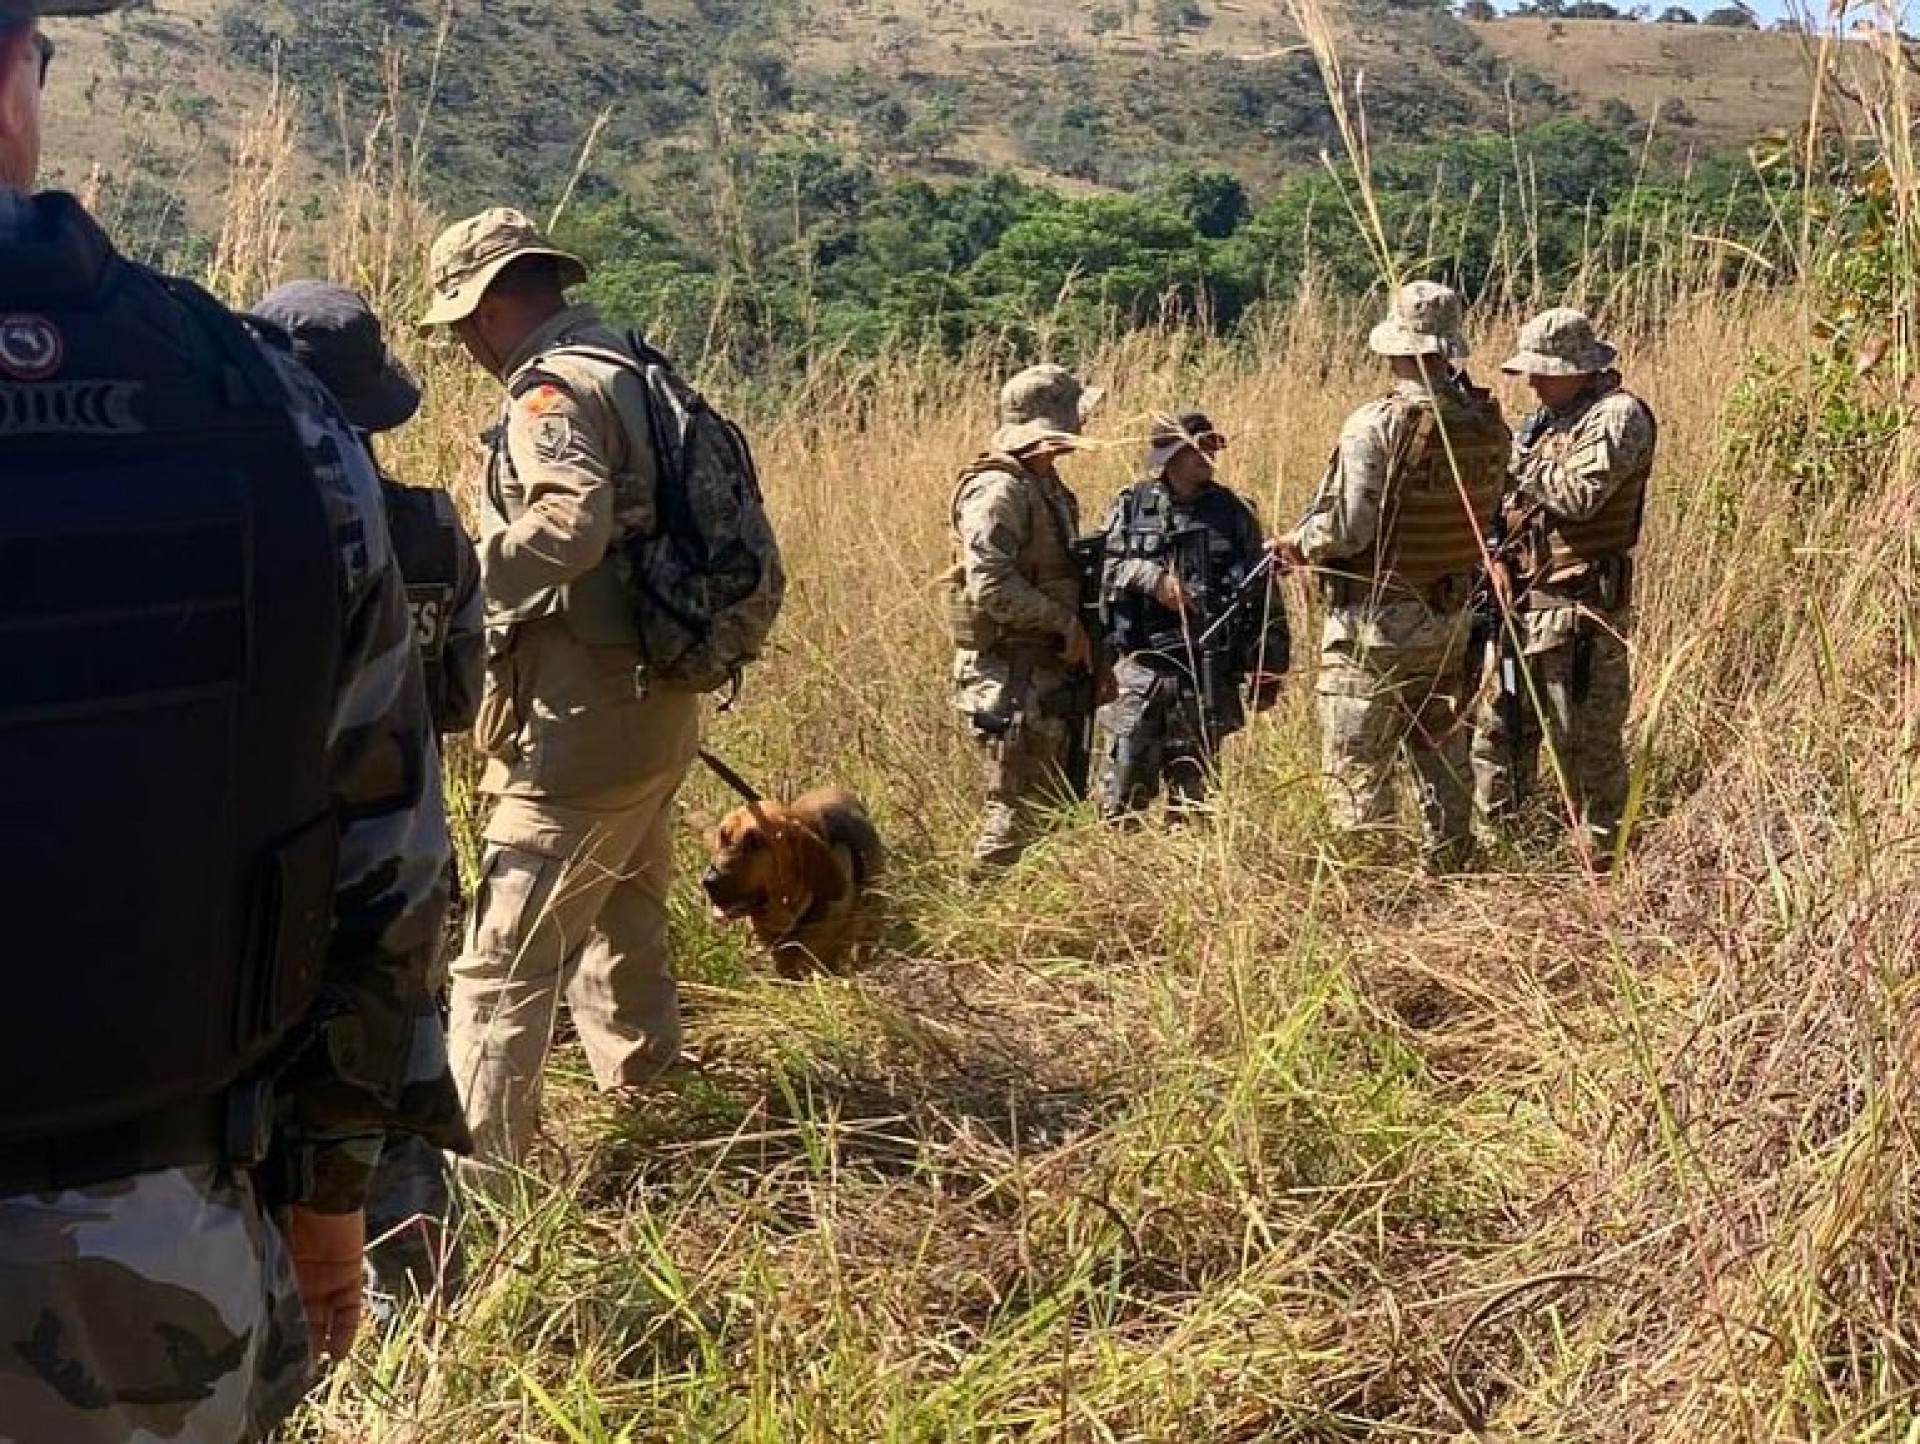 Ele é suspeito de cometer uma chacina de uma família em Ceilândia do Norte, no Distrito Federal.